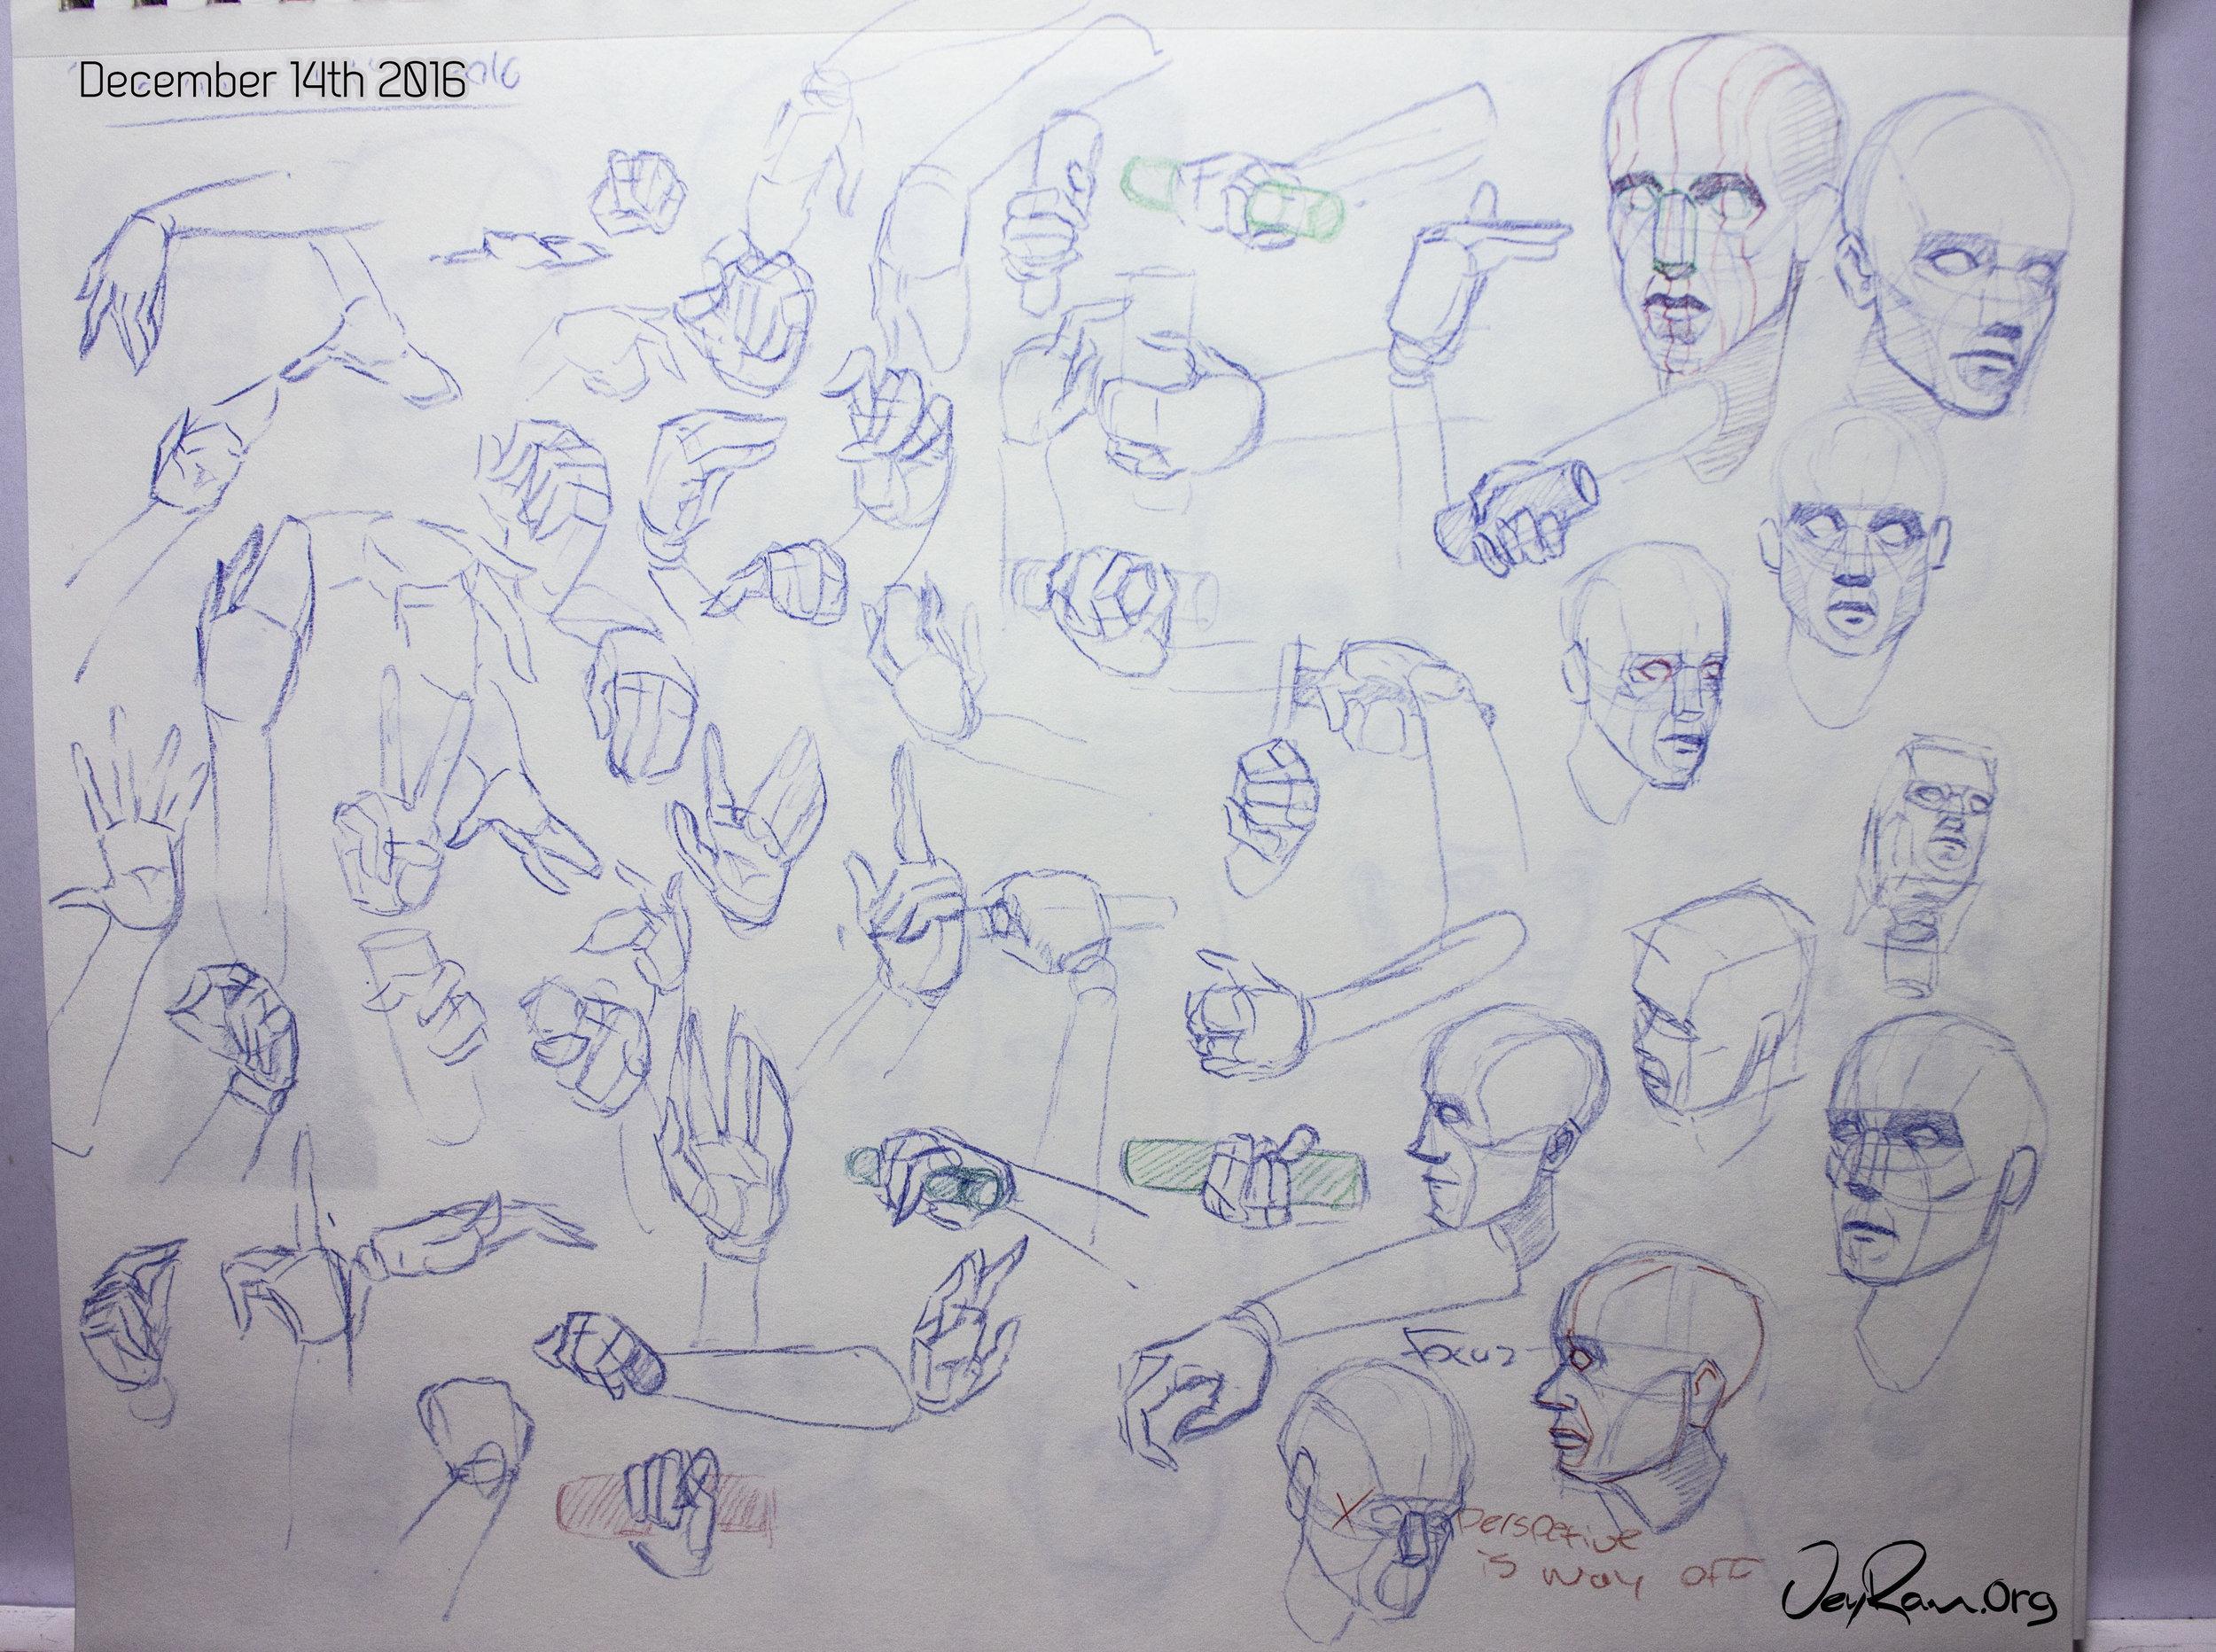 16-12-14 2.jpg